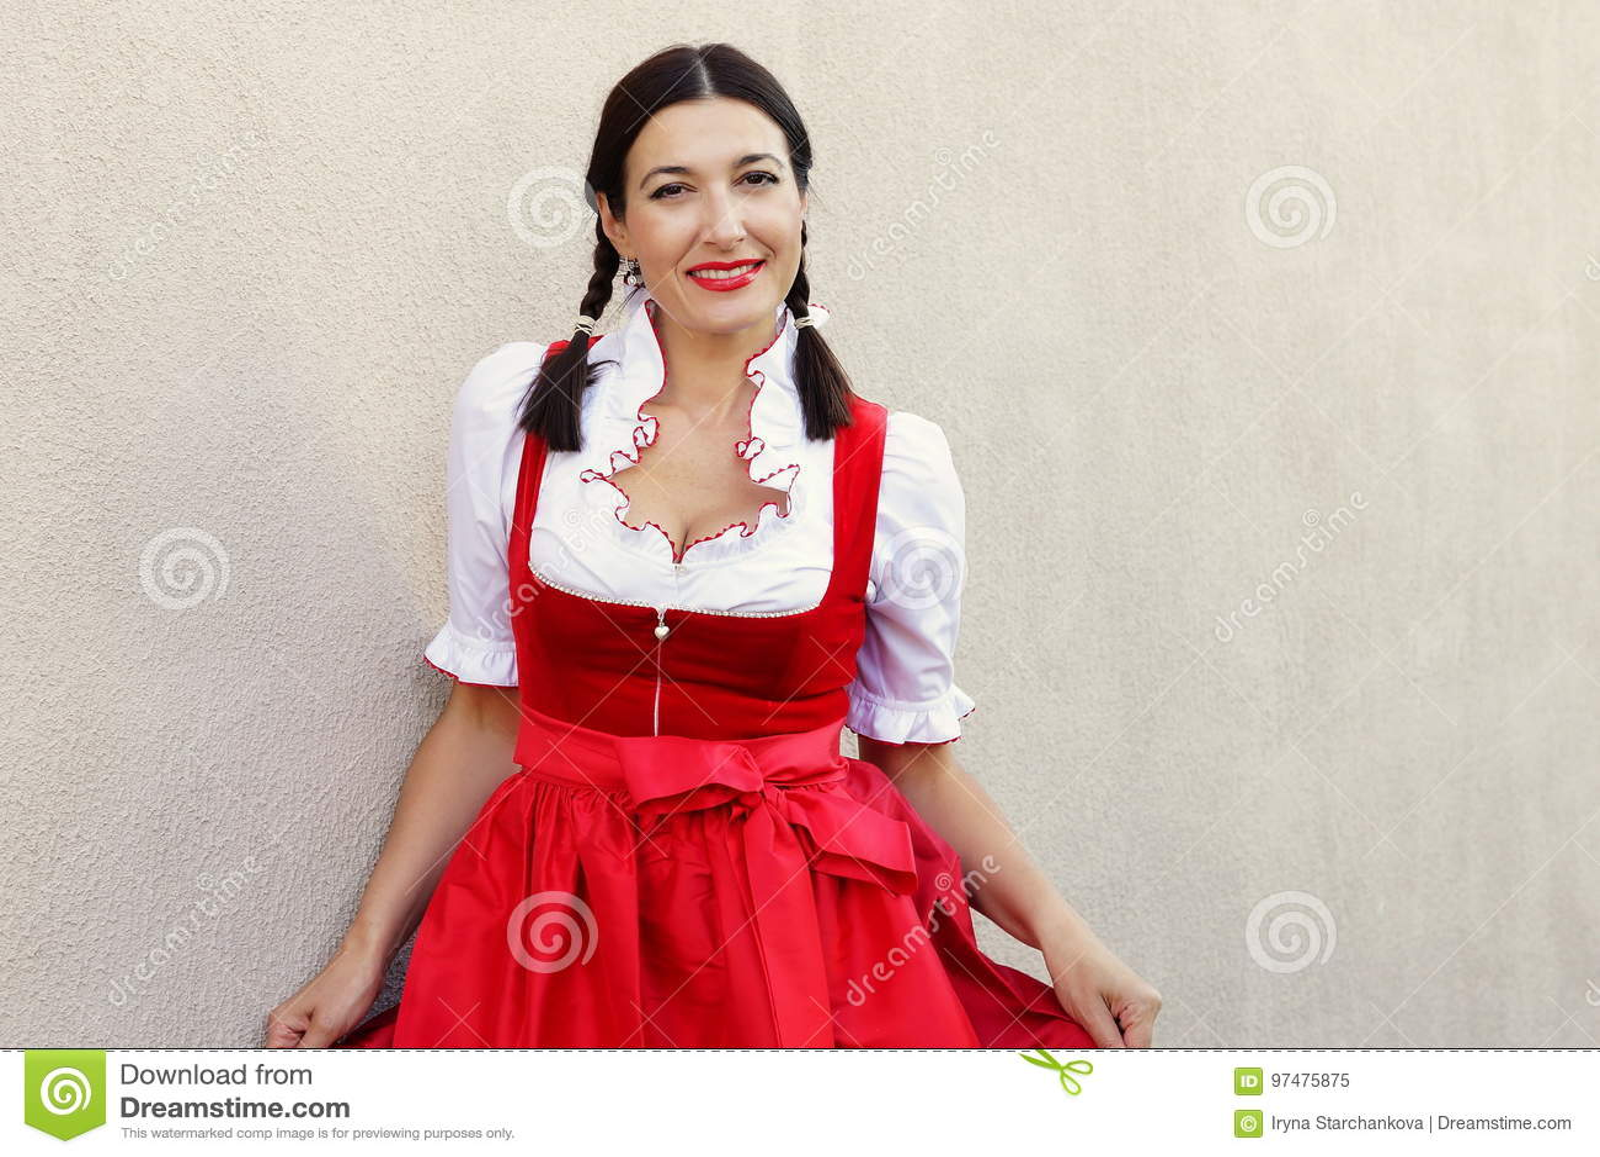 10月费斯特概念 典型的oktoberfest礼服少女装的美丽的德国妇女